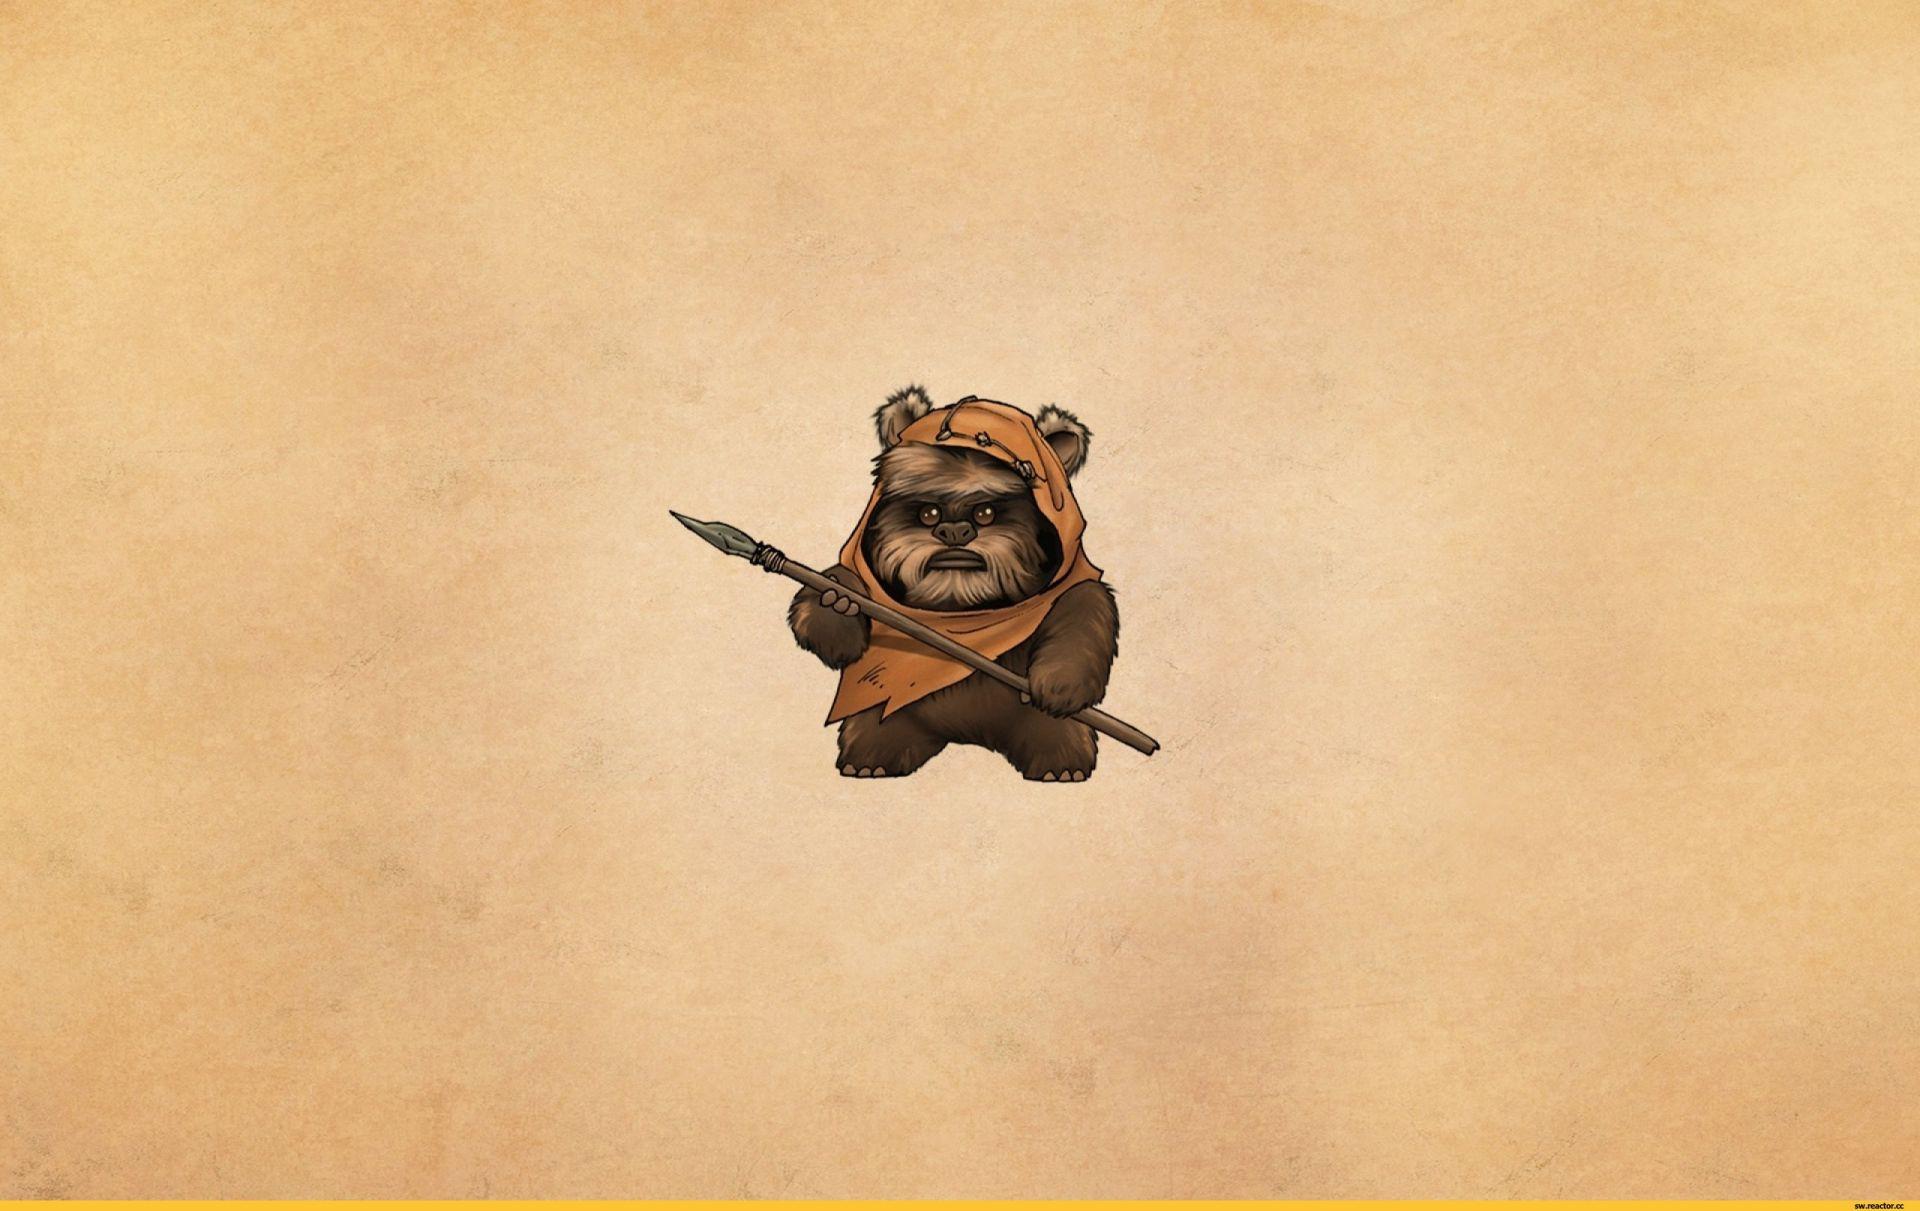 Star Wars Minimalist wallpaper download